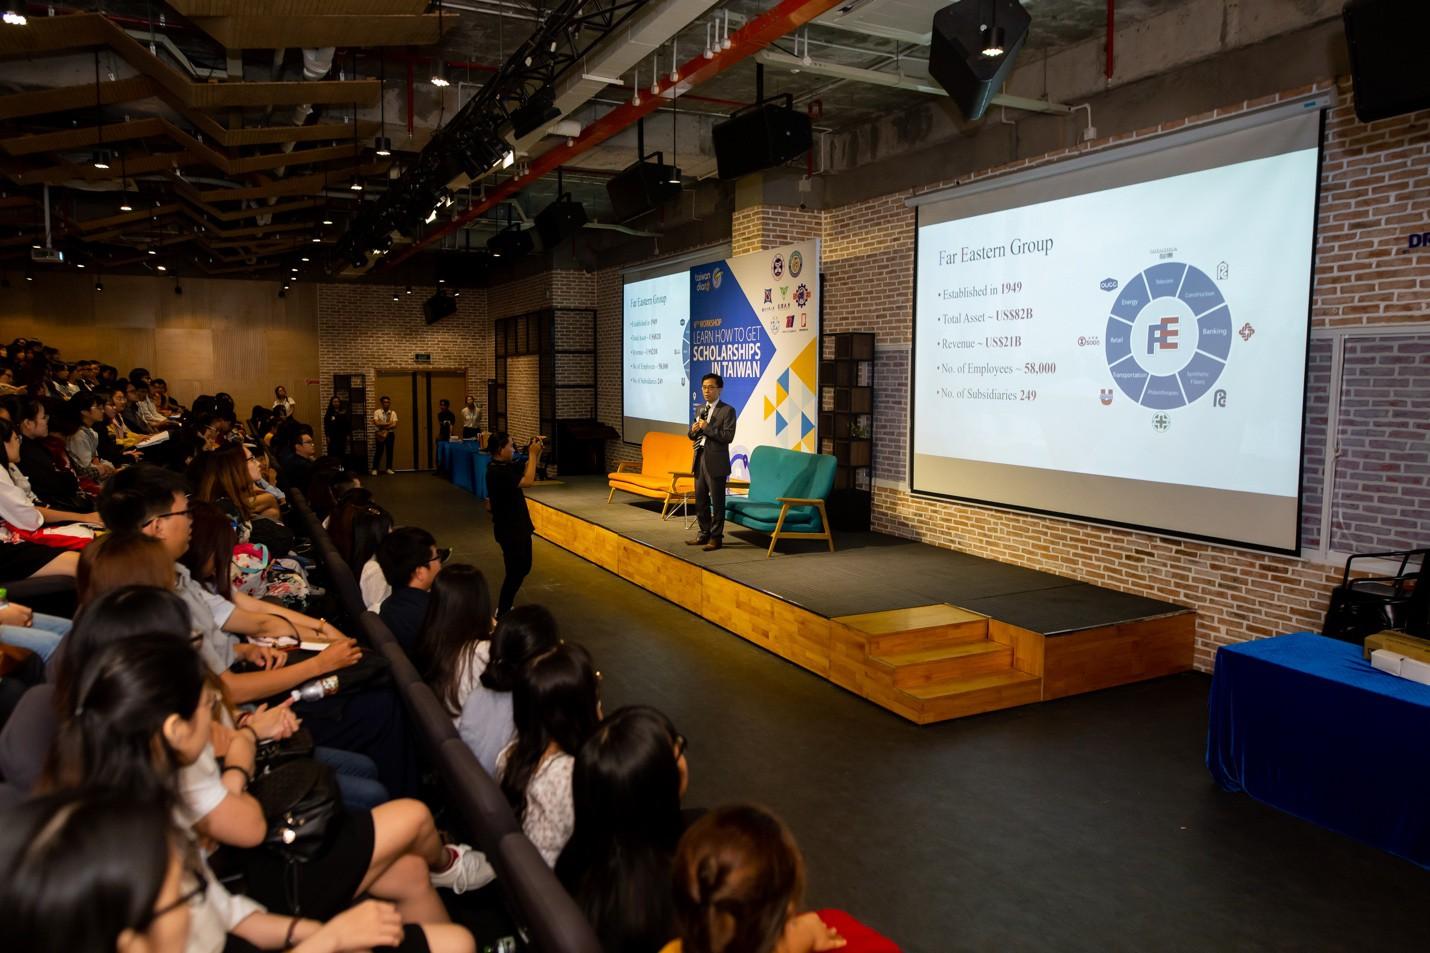 Học bổng du học Đài Loan: Dễ hay khó? - Ảnh 4.